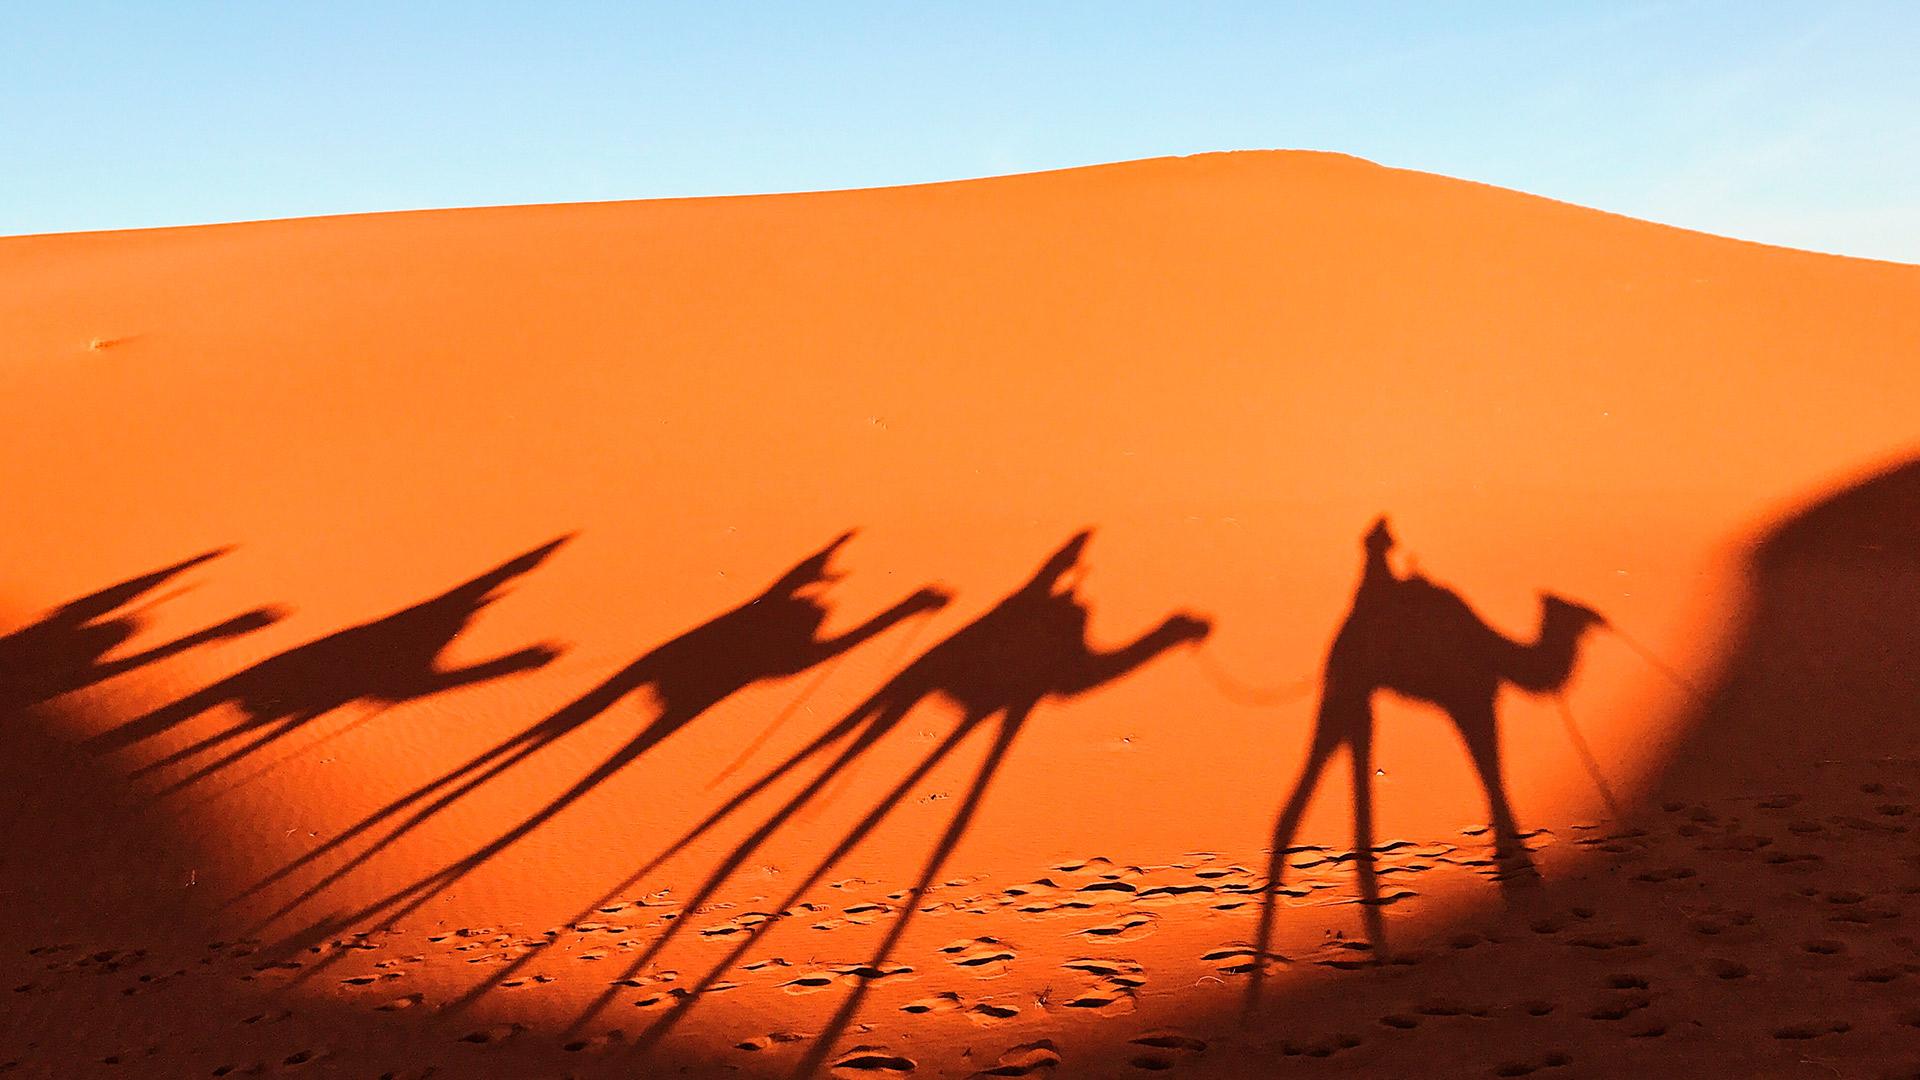 Las curiosidades sobre la vida en el Sáhara | Lexus España